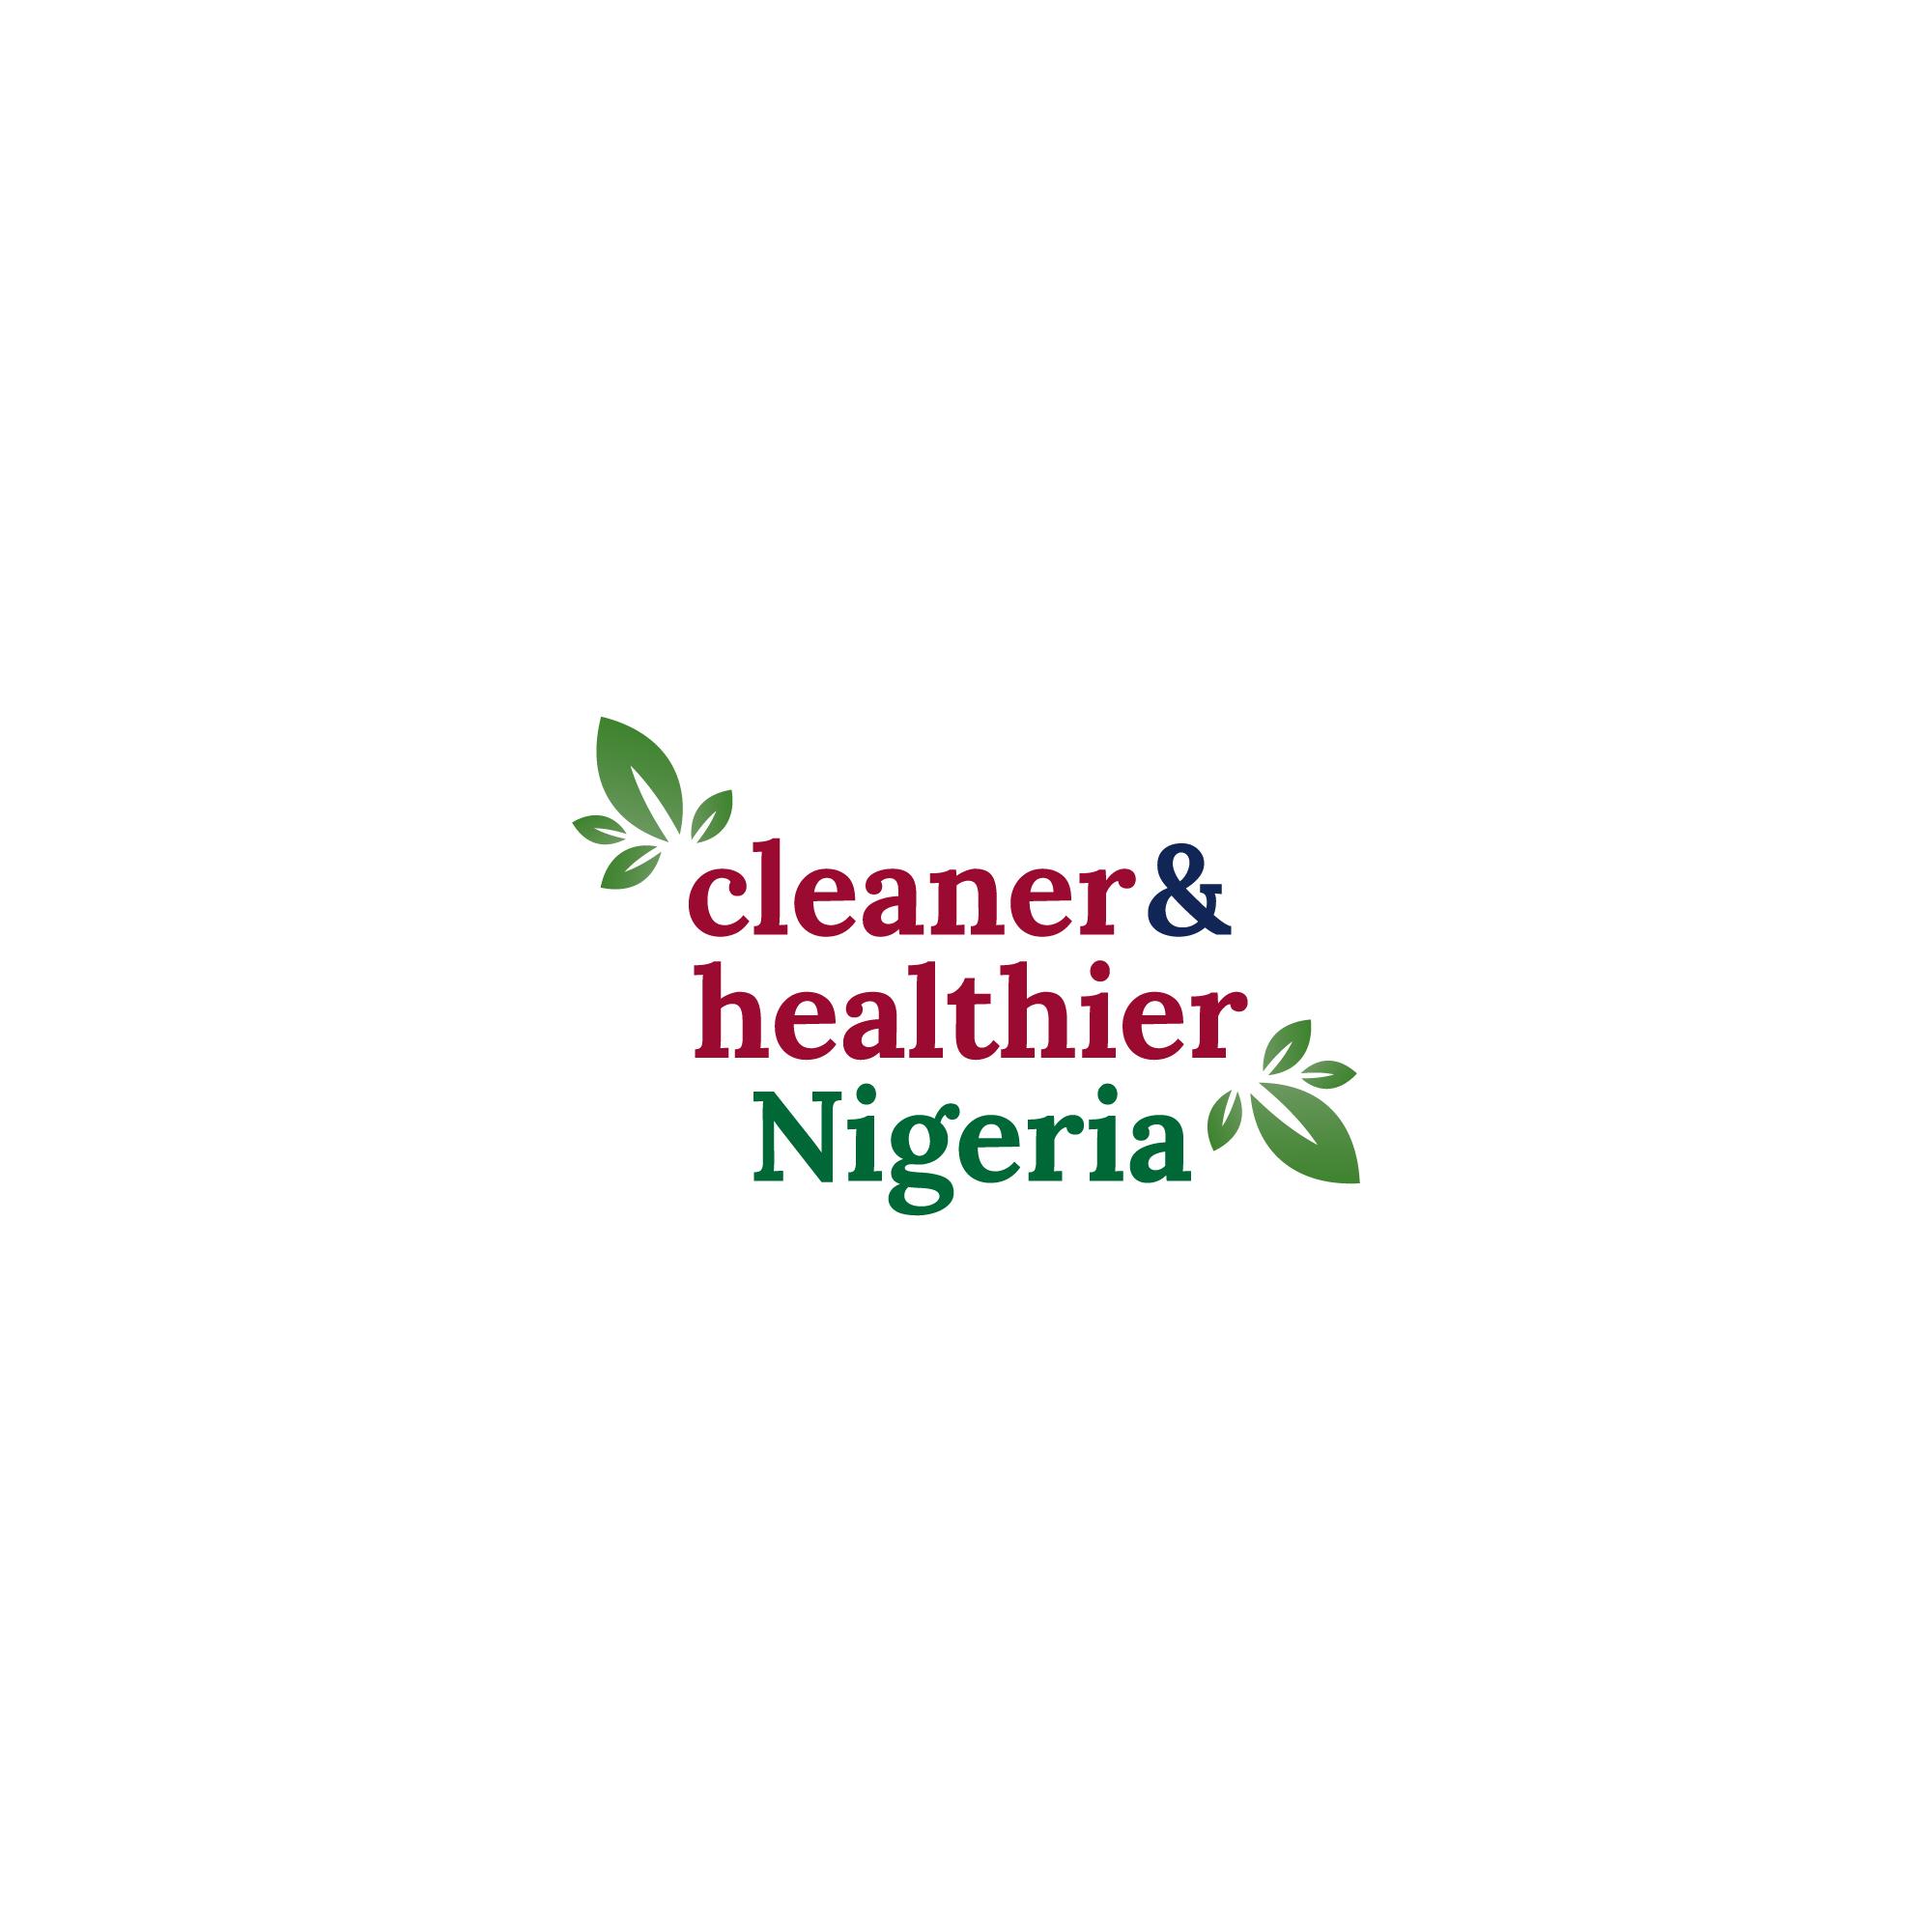 Cleaner & Healthier Nigeria Logo